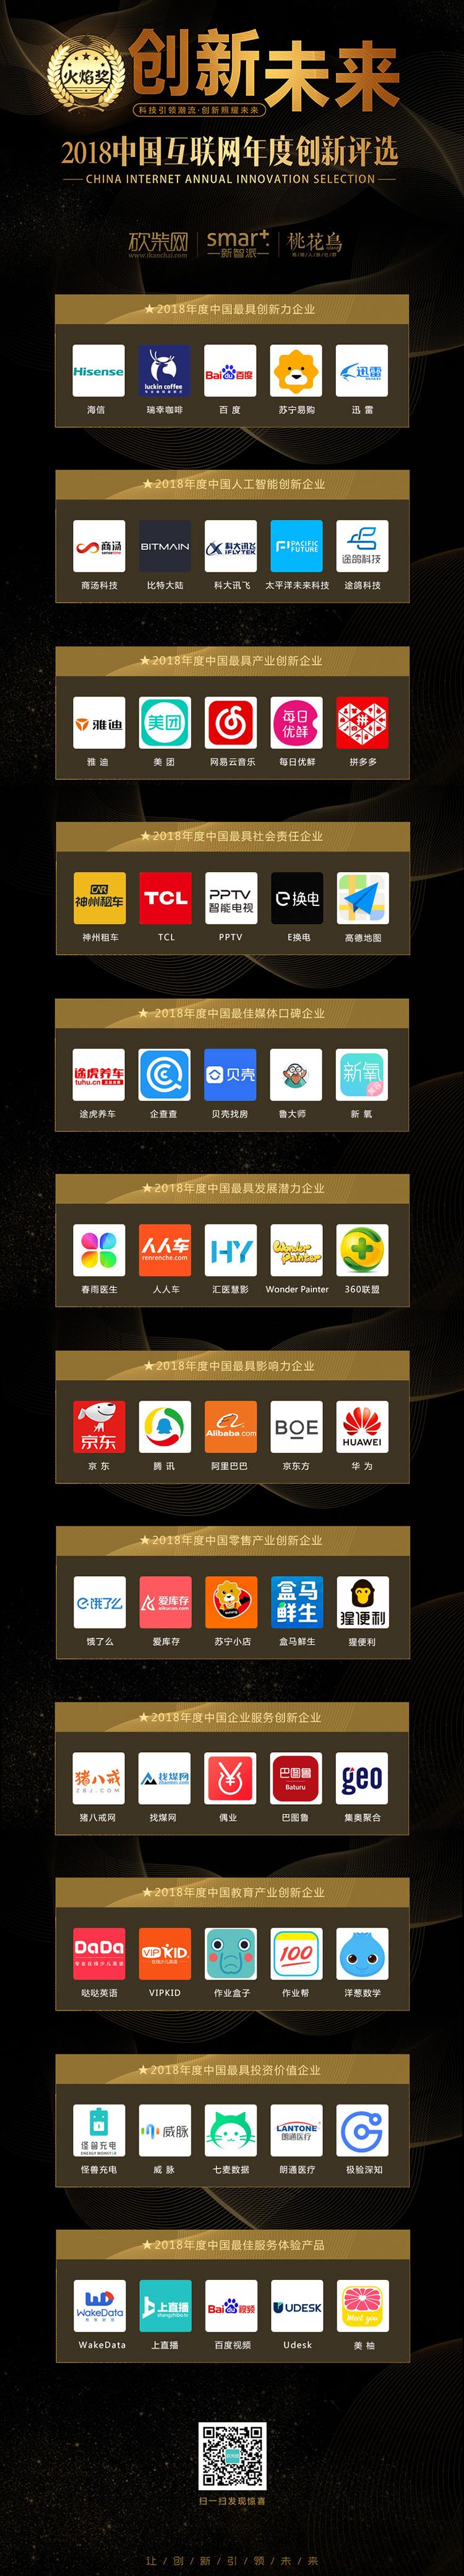 2018年火焰奖榜单(终1)